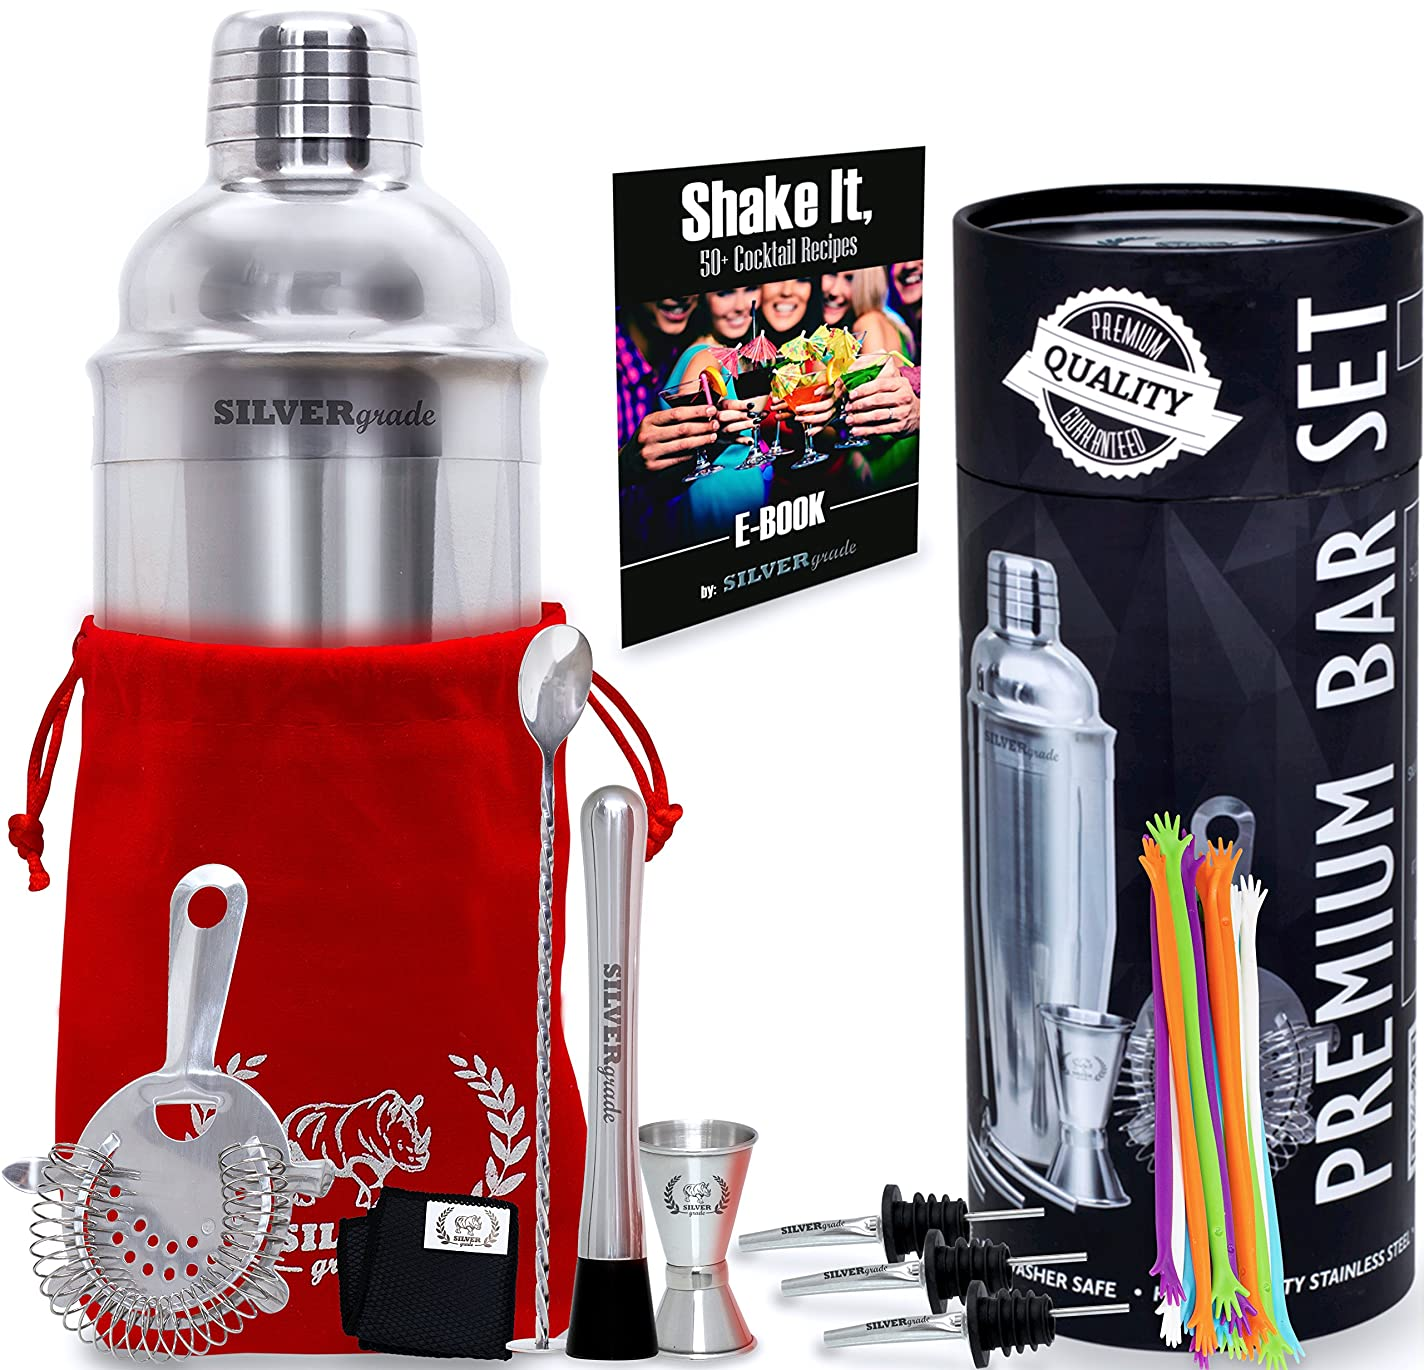 暴露略奪過敏なCocktail Shaker Set - Professional Bartender Kit in a Luxury Bag, Martini Bar Mixed Muddler Mixing Spoon Strainer Jigger 2 Pourers Stirrers and eBook, Great Gift Idea - Barware Tools by SILVERgrade by SILVERgrade